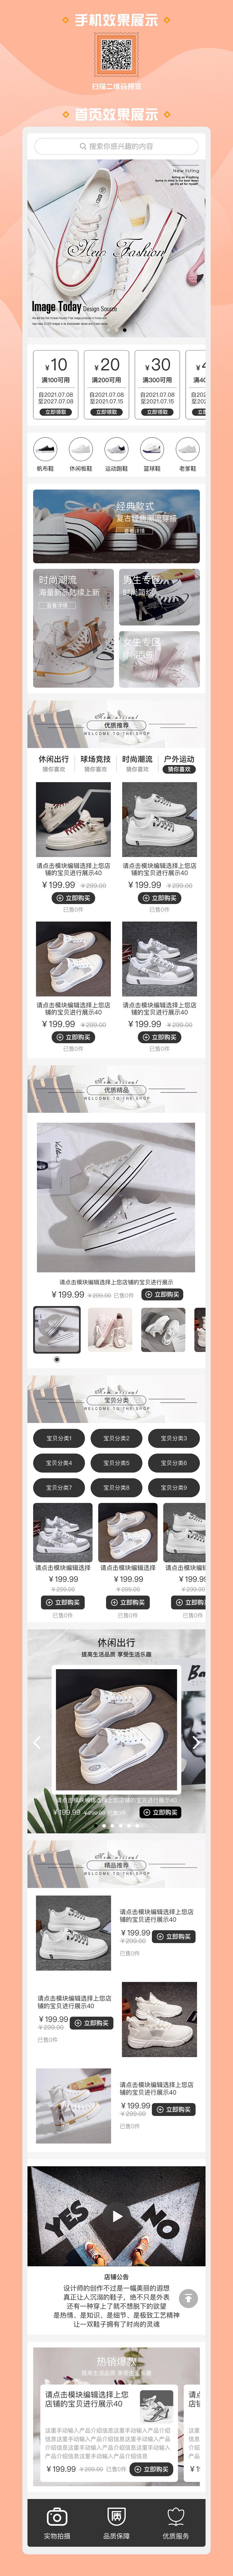 041鞋靴箱包智慧零售-第二屏介绍.jpg